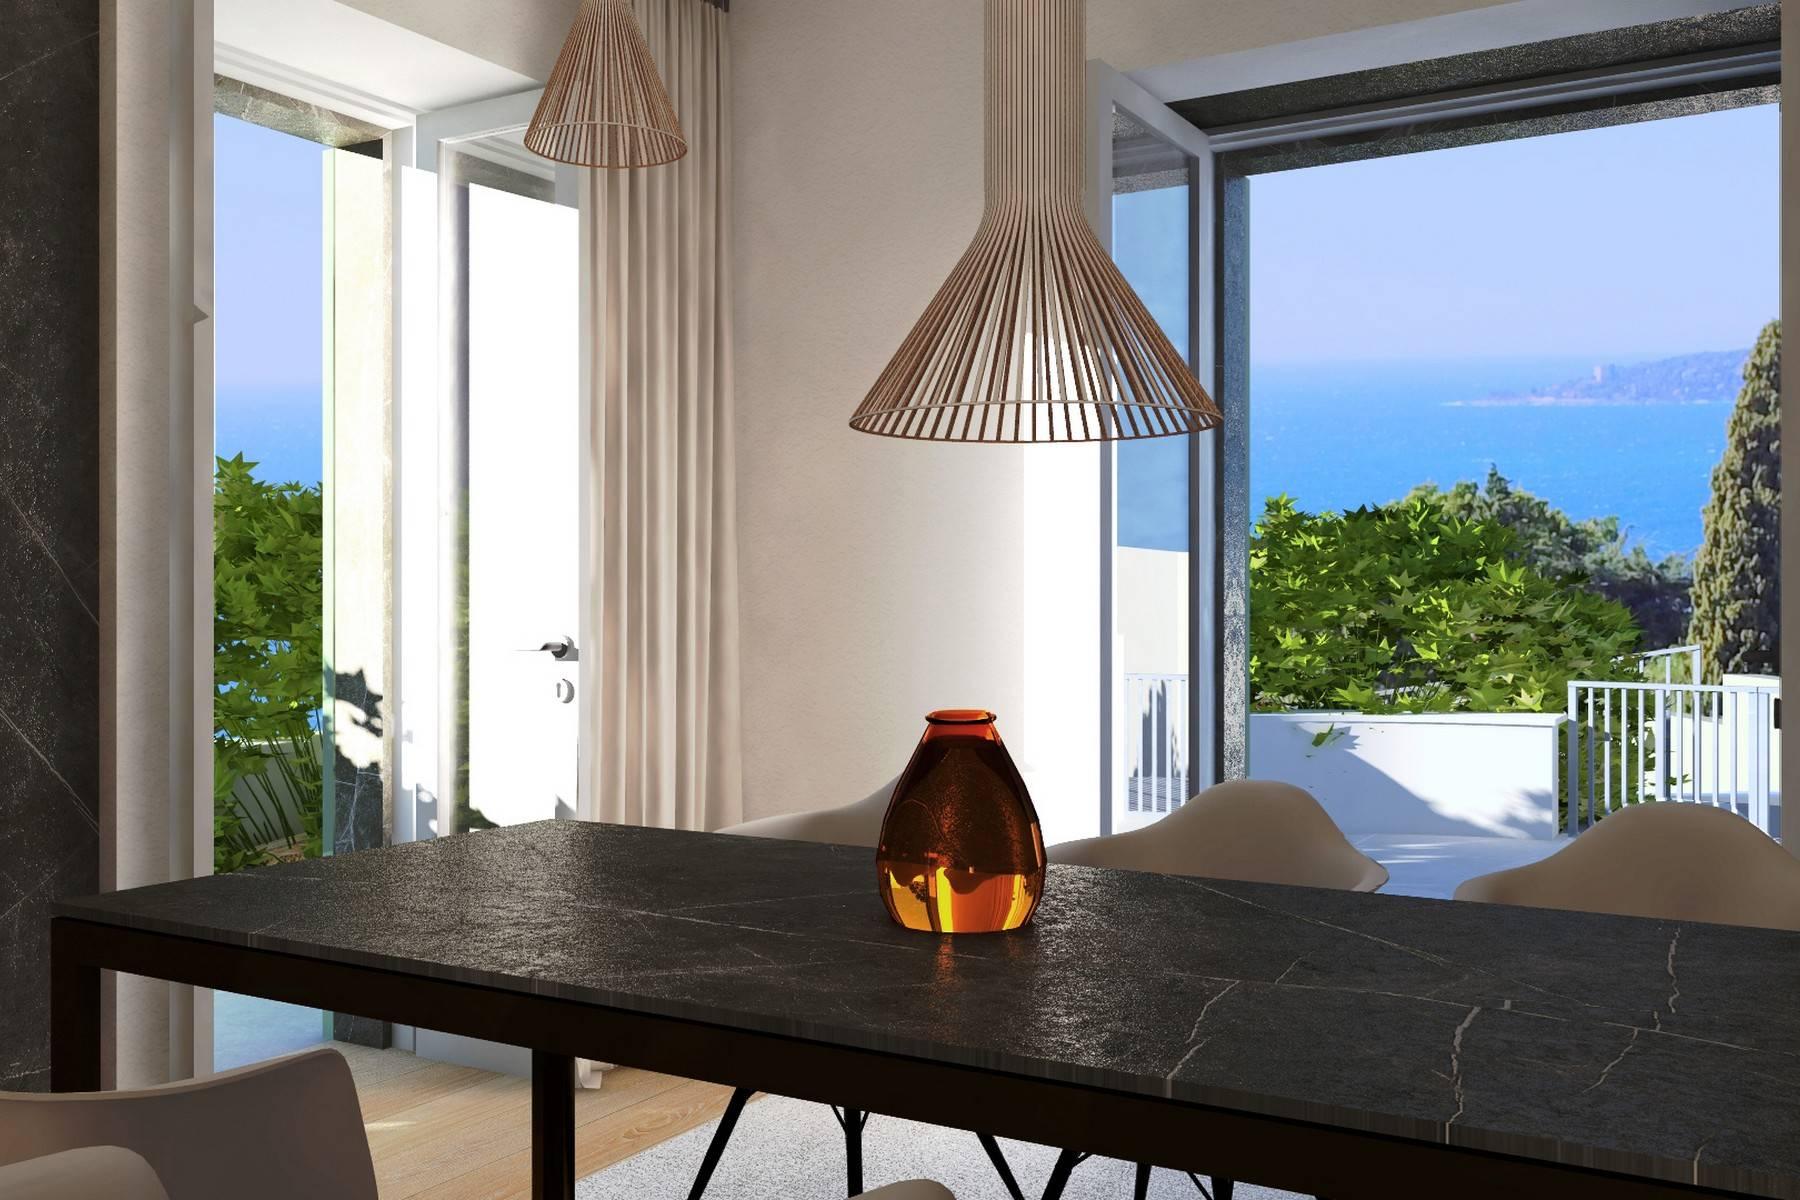 Appartamento in Vendita a Ventimiglia: 4 locali, 116 mq - Foto 8